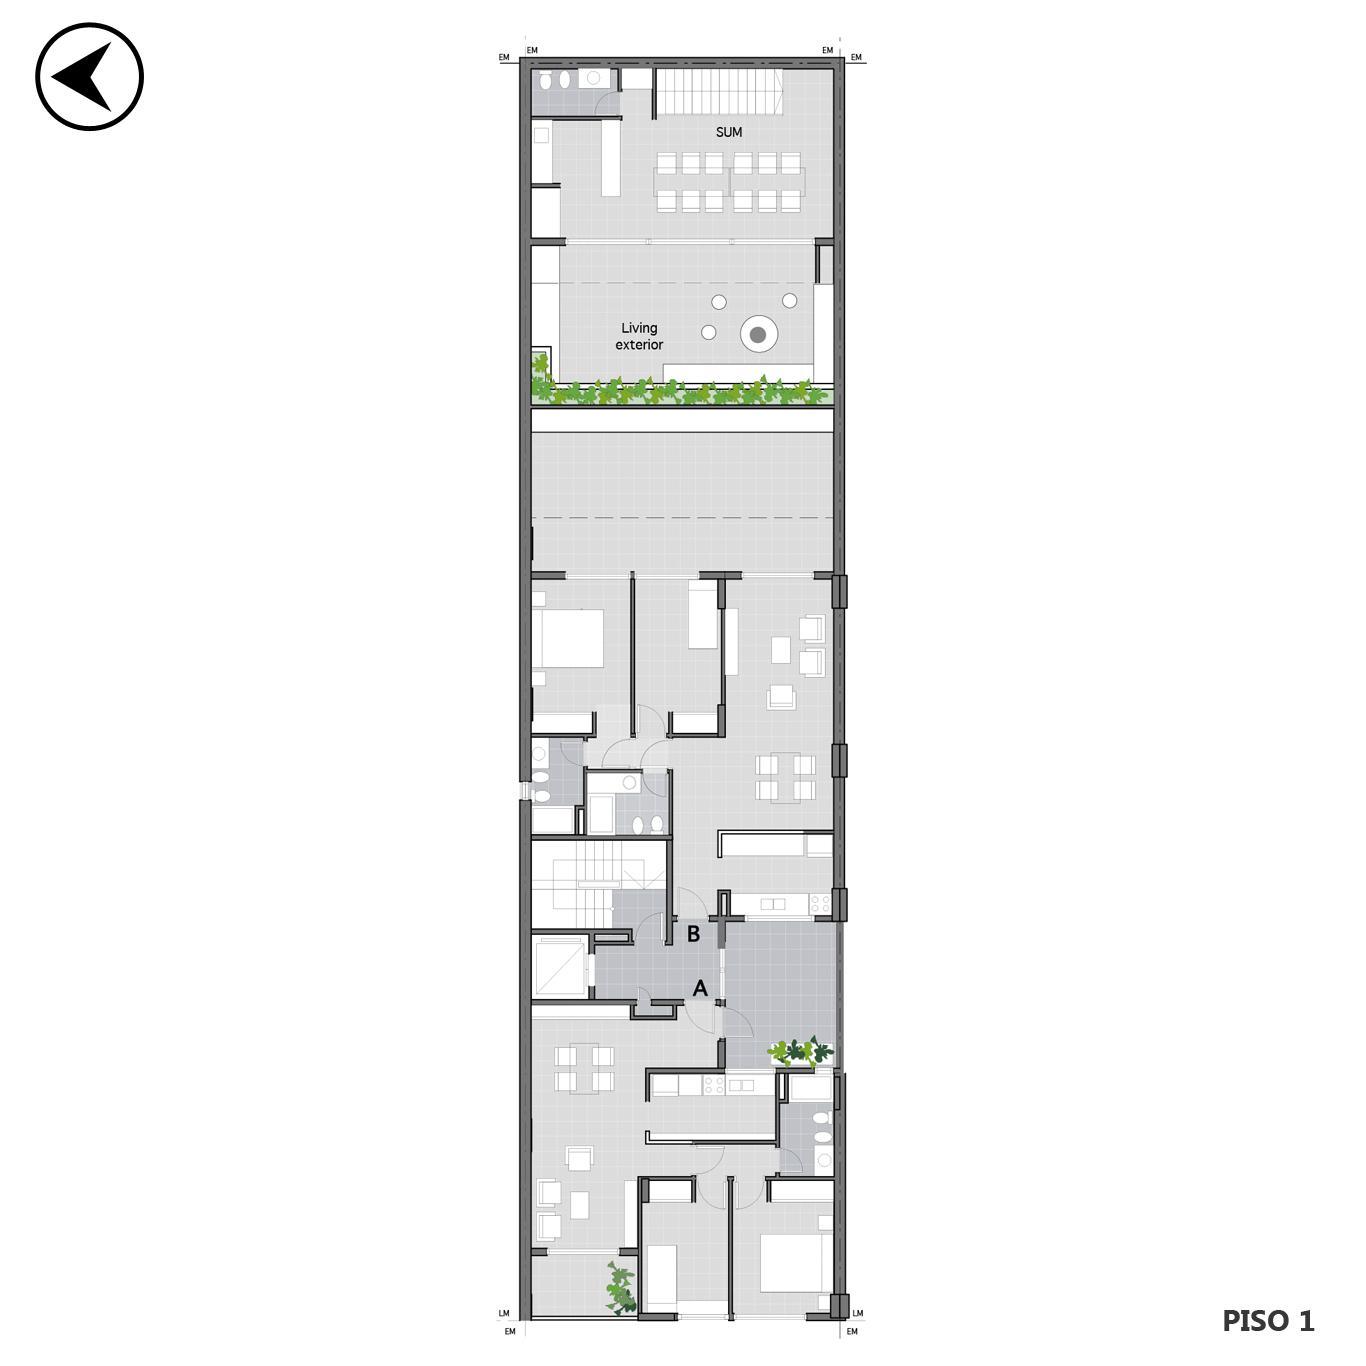 Venta departamento 1 dormitorio Rosario, Martin. Cod CBU24537 AP2285288. Crestale Propiedades